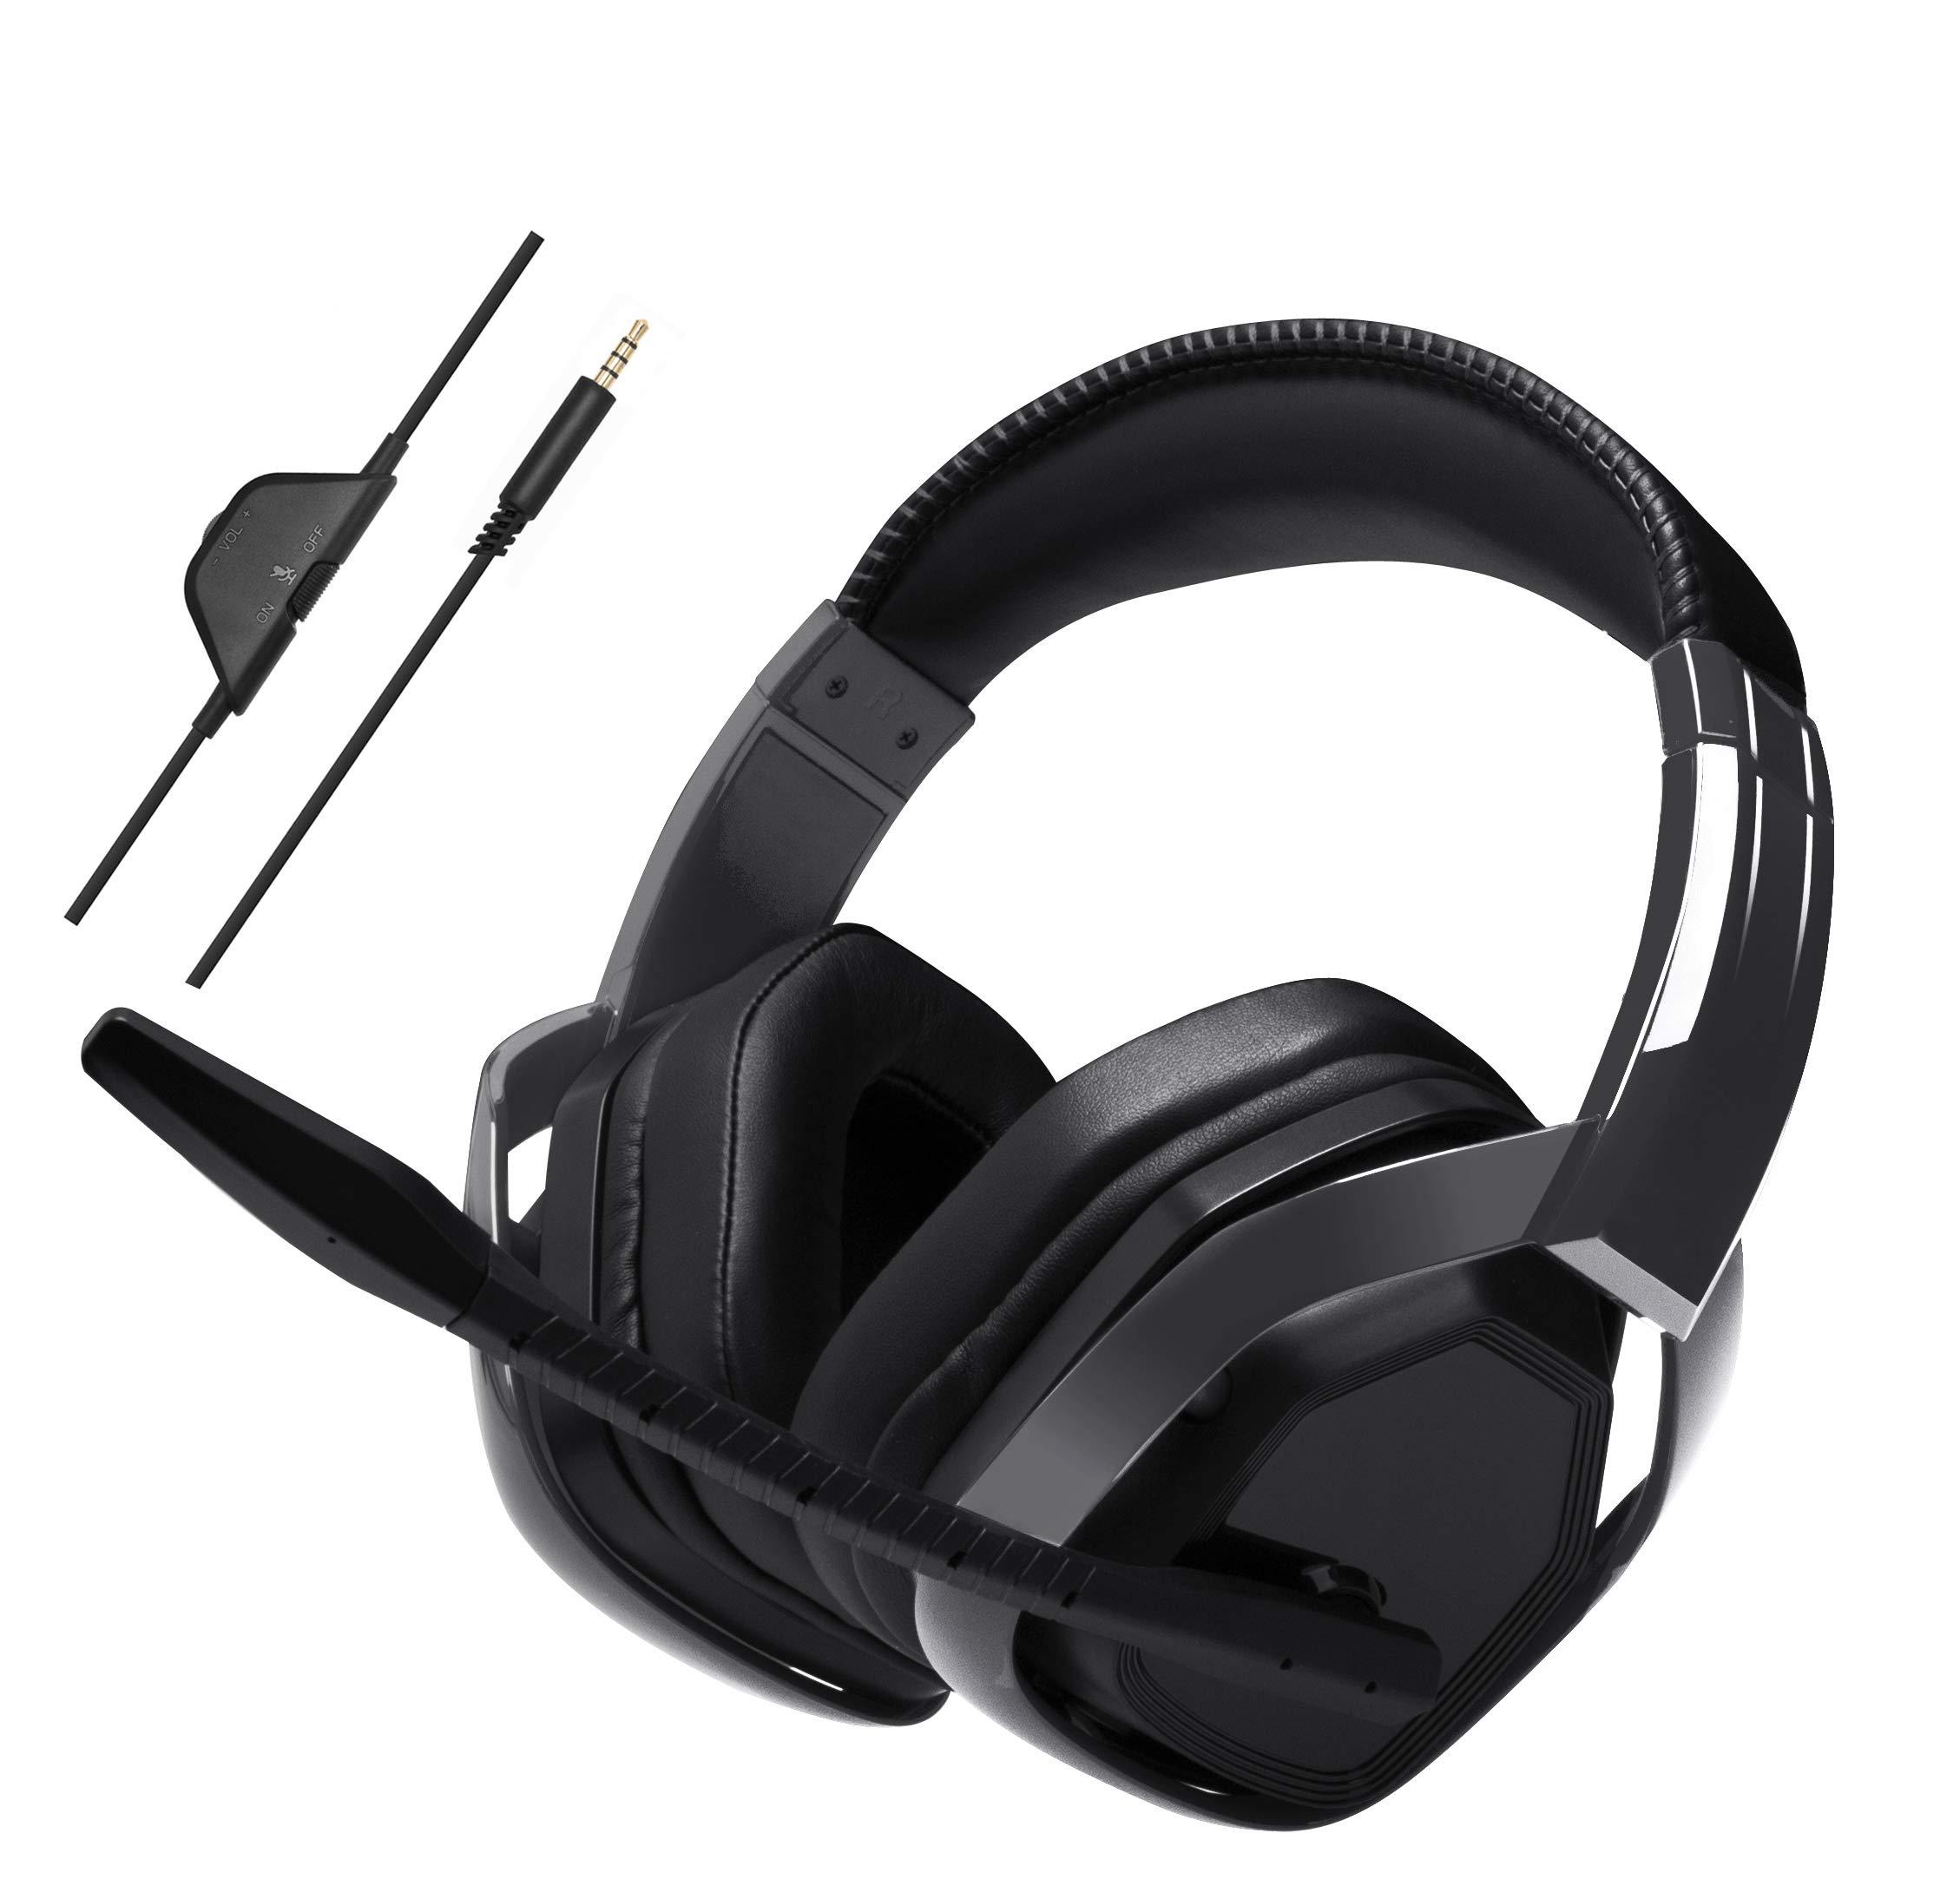 AmazonBasics Pro Gaming Headset – Black